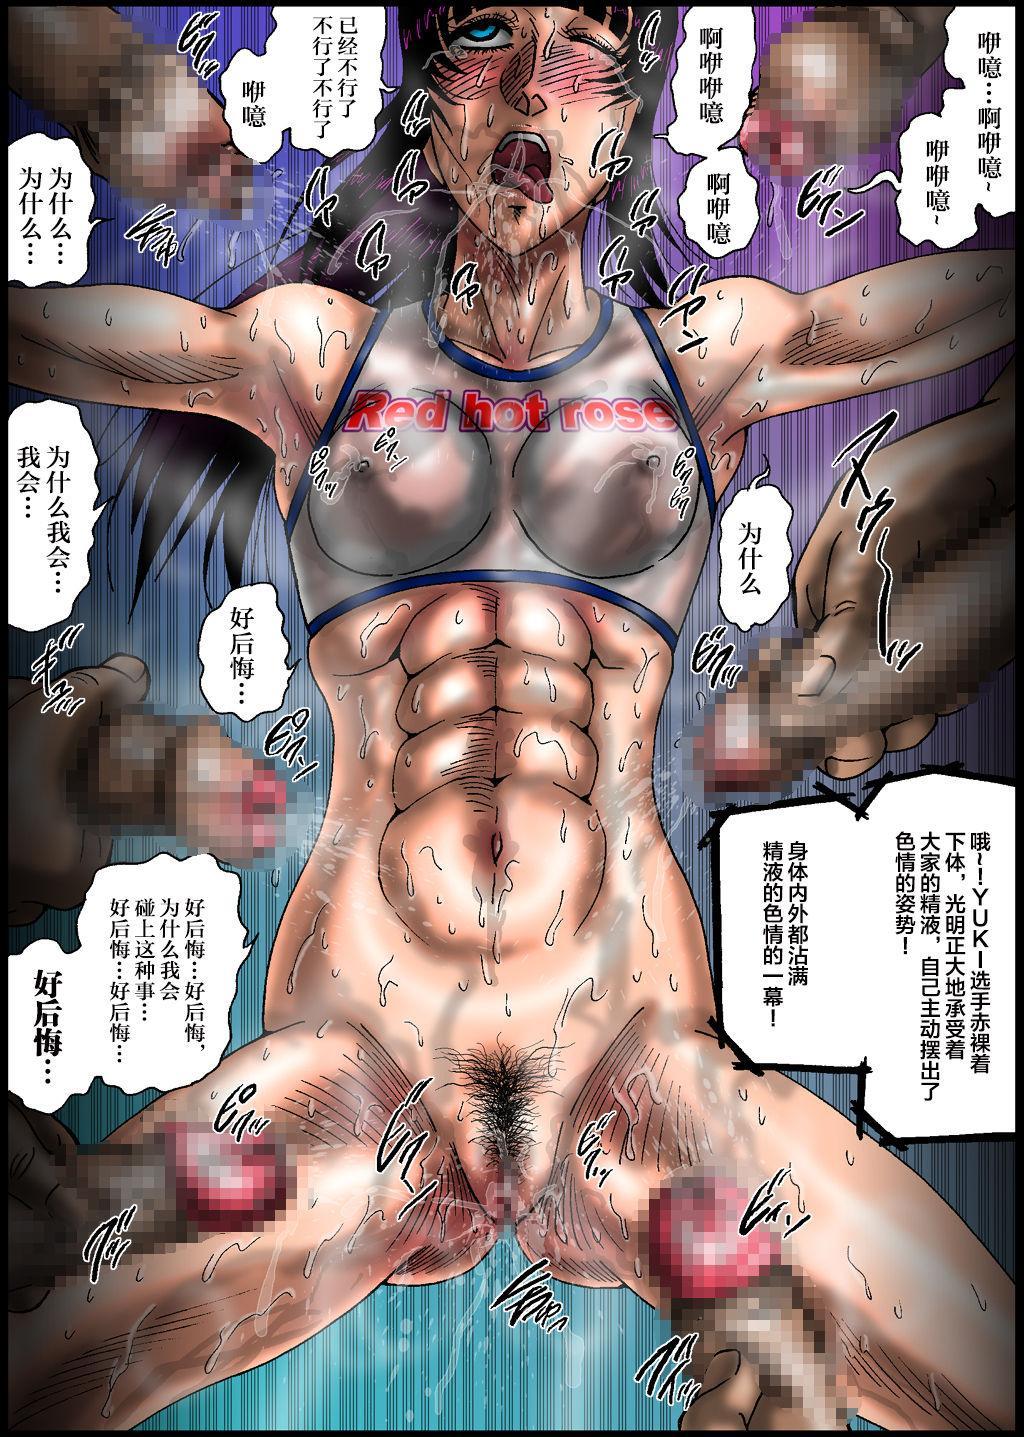 [Nightmare Express -Akumu no Takuhaibin-] Yokubou Kaiki Dai 445 Shou Hentai Nyotai Acme Ryoujoku Sanban Shoubu!? Ikaseya vs Joshi Puroresu YUKI -[Chinese]【不可视汉化】 29